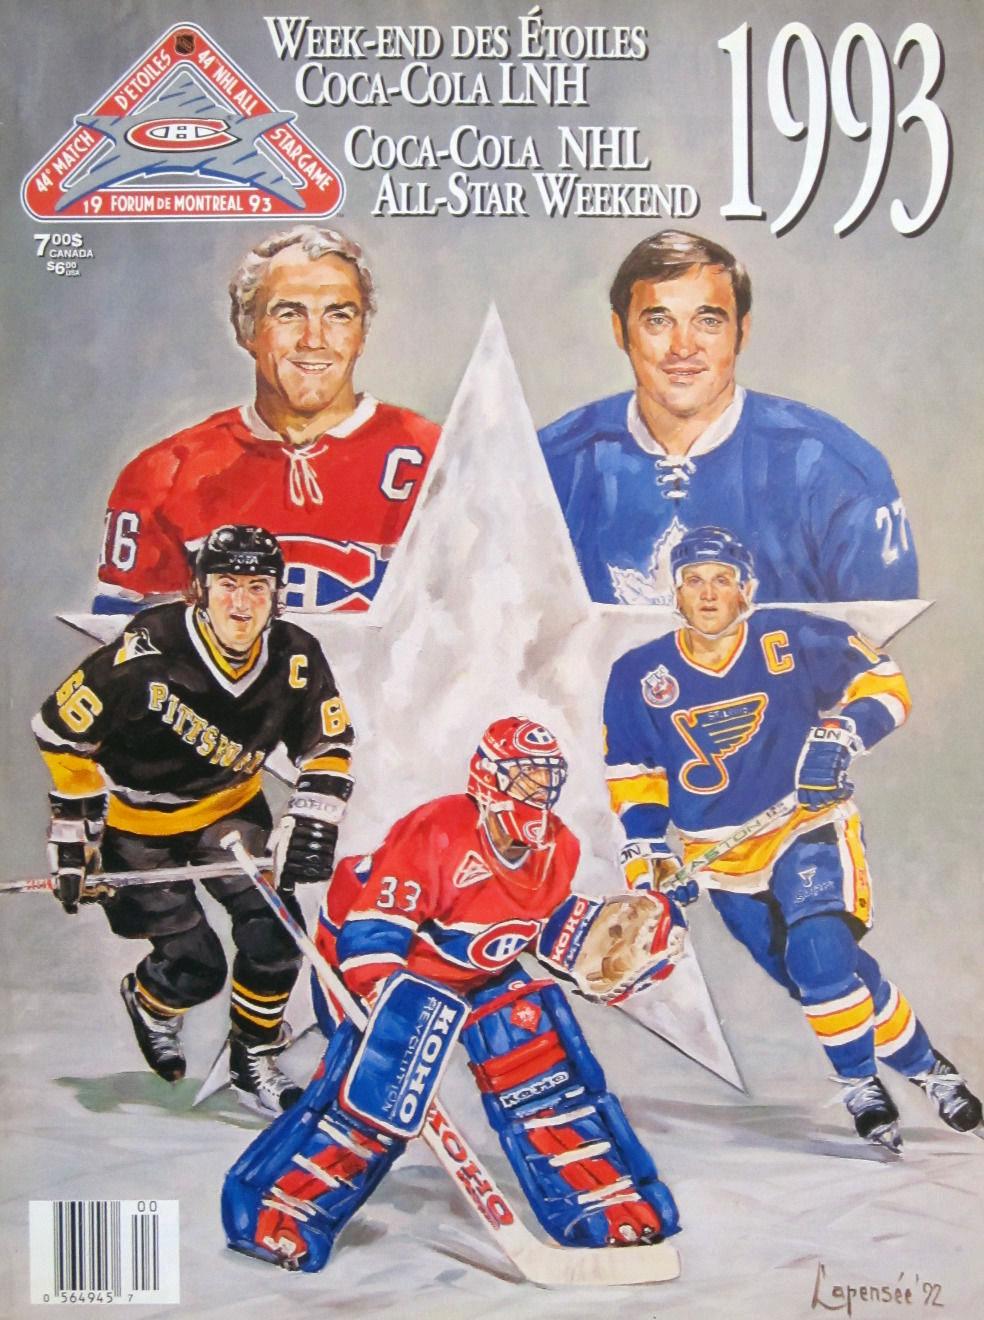 NHL All-Star Game Program Program (1992/93) - 1993 NHL All-Star Game Program - Montreal, QC hosted by Montreal Canadiens SportsLogos.Net